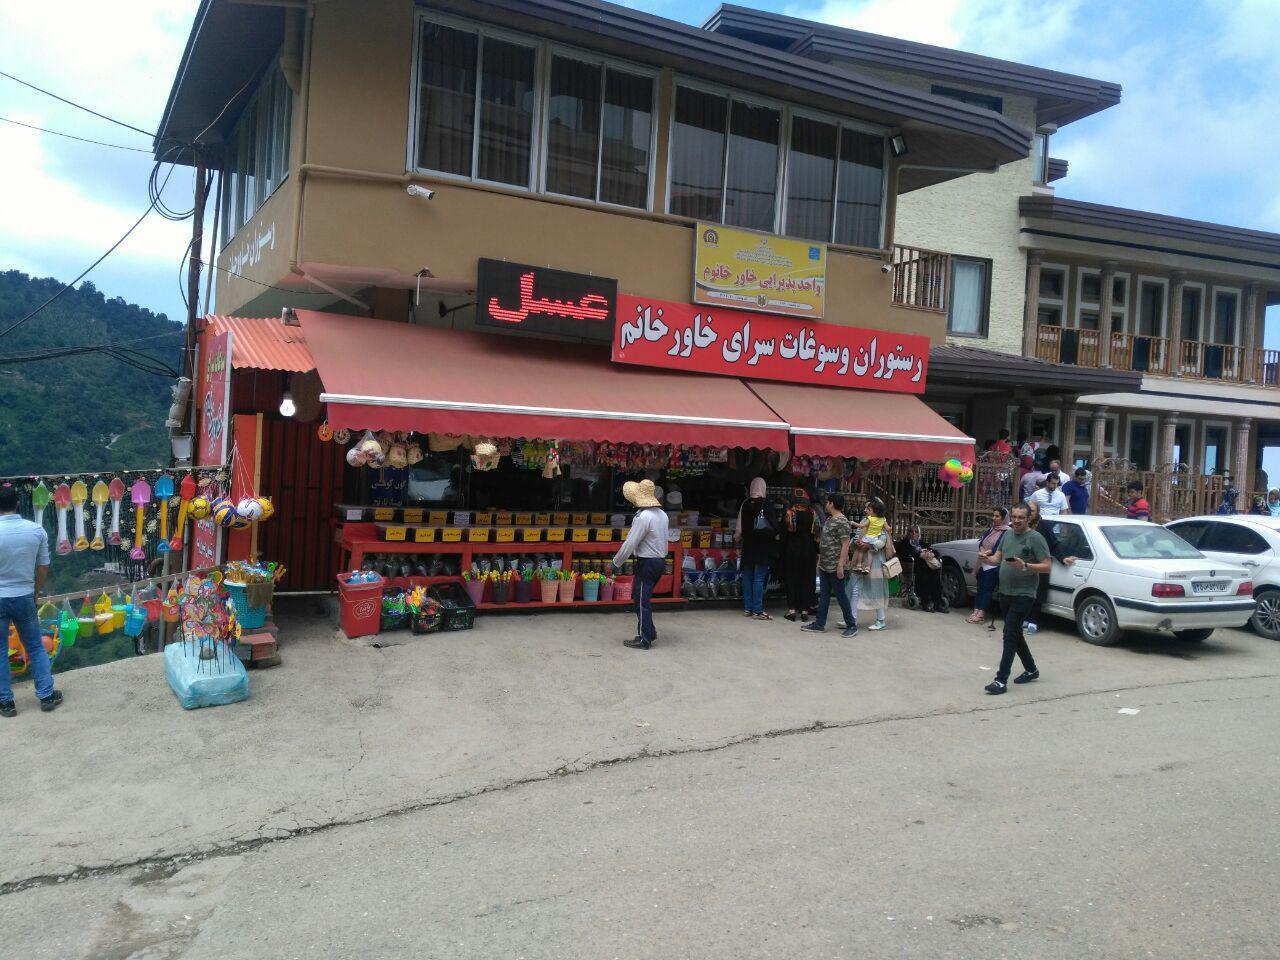 اختصاصی/چگونگی رعایت بهداشت در رستوران معروف خاور خانم شرق گیلان!!+تصاویر